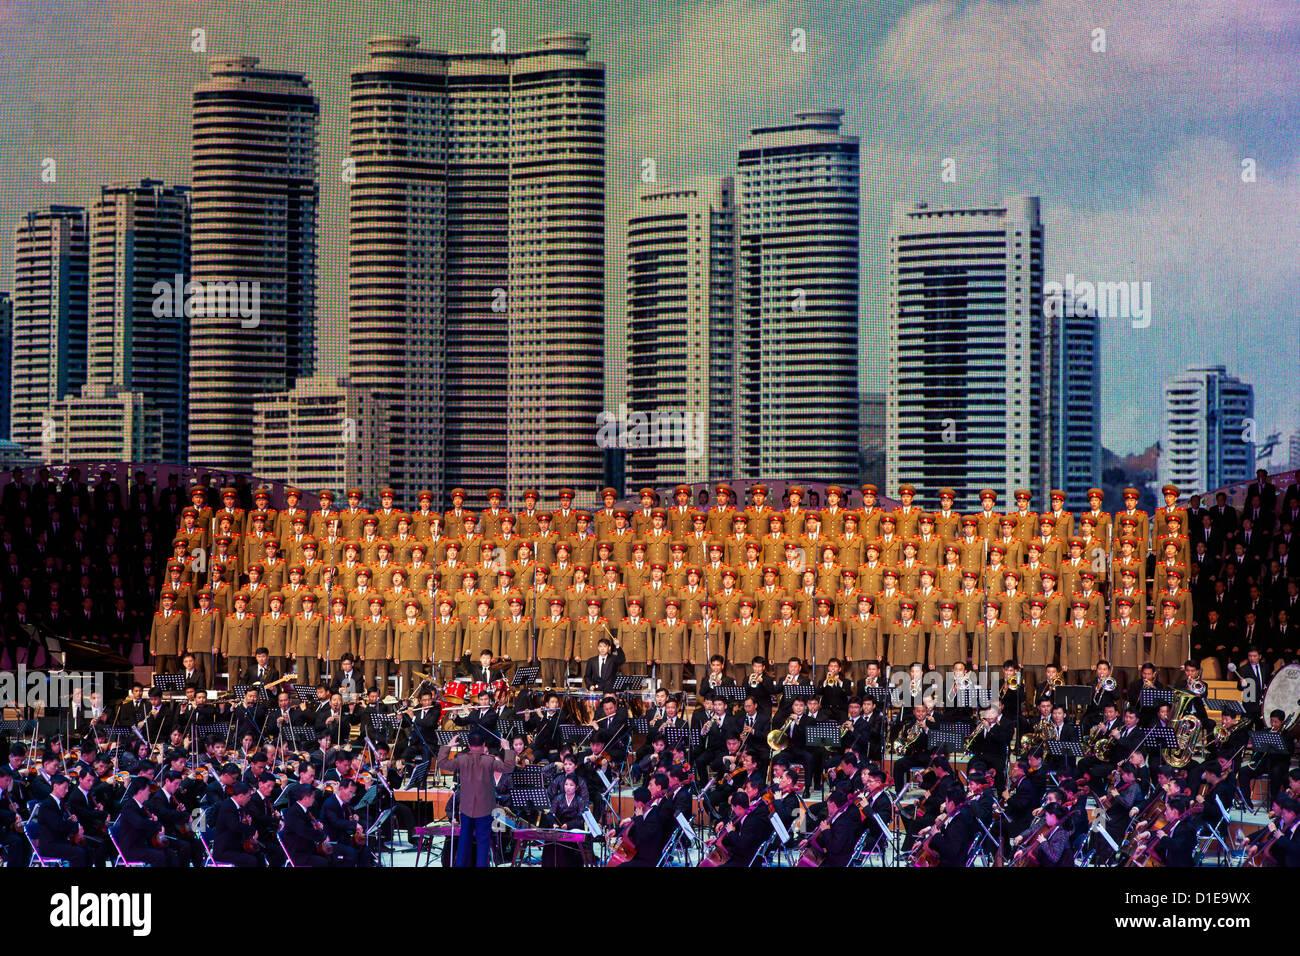 Pyongyang Indoor Stadium performance, Pyongyang, Democratic People's Republic of Korea (DPRK), North Korea, - Stock Image